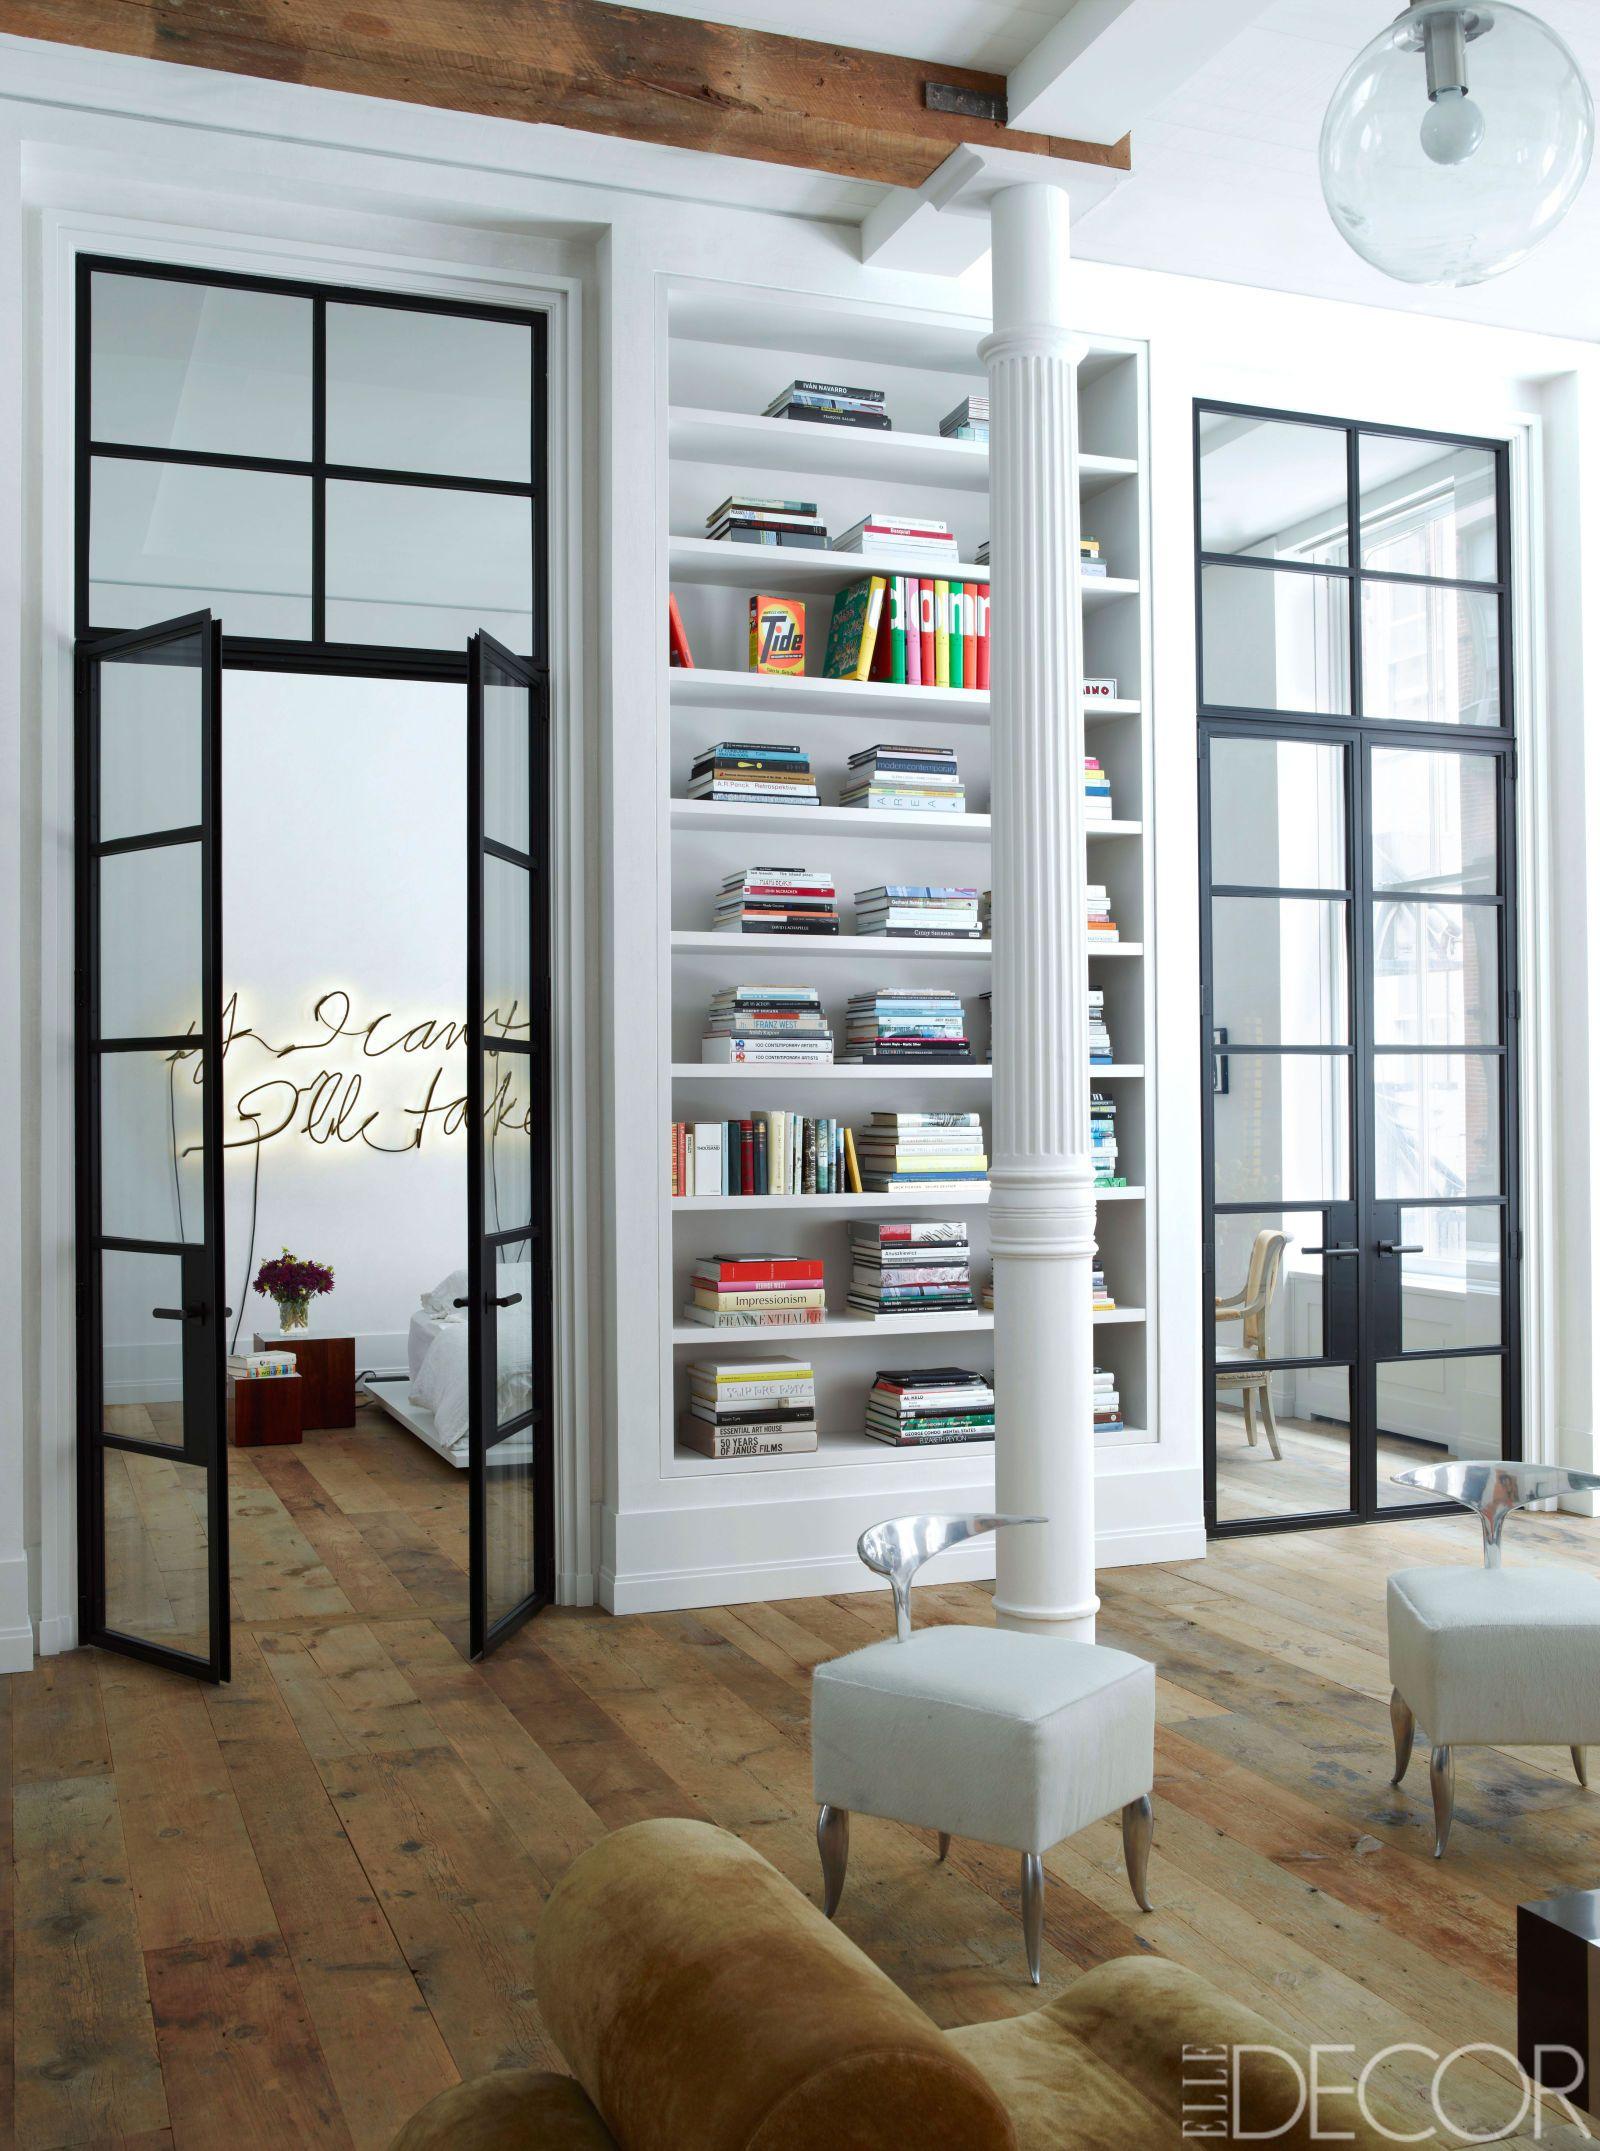 Wohnzimmer des modernen interieurs des hauses house tour a manhattan loft takes minimalism to new heights